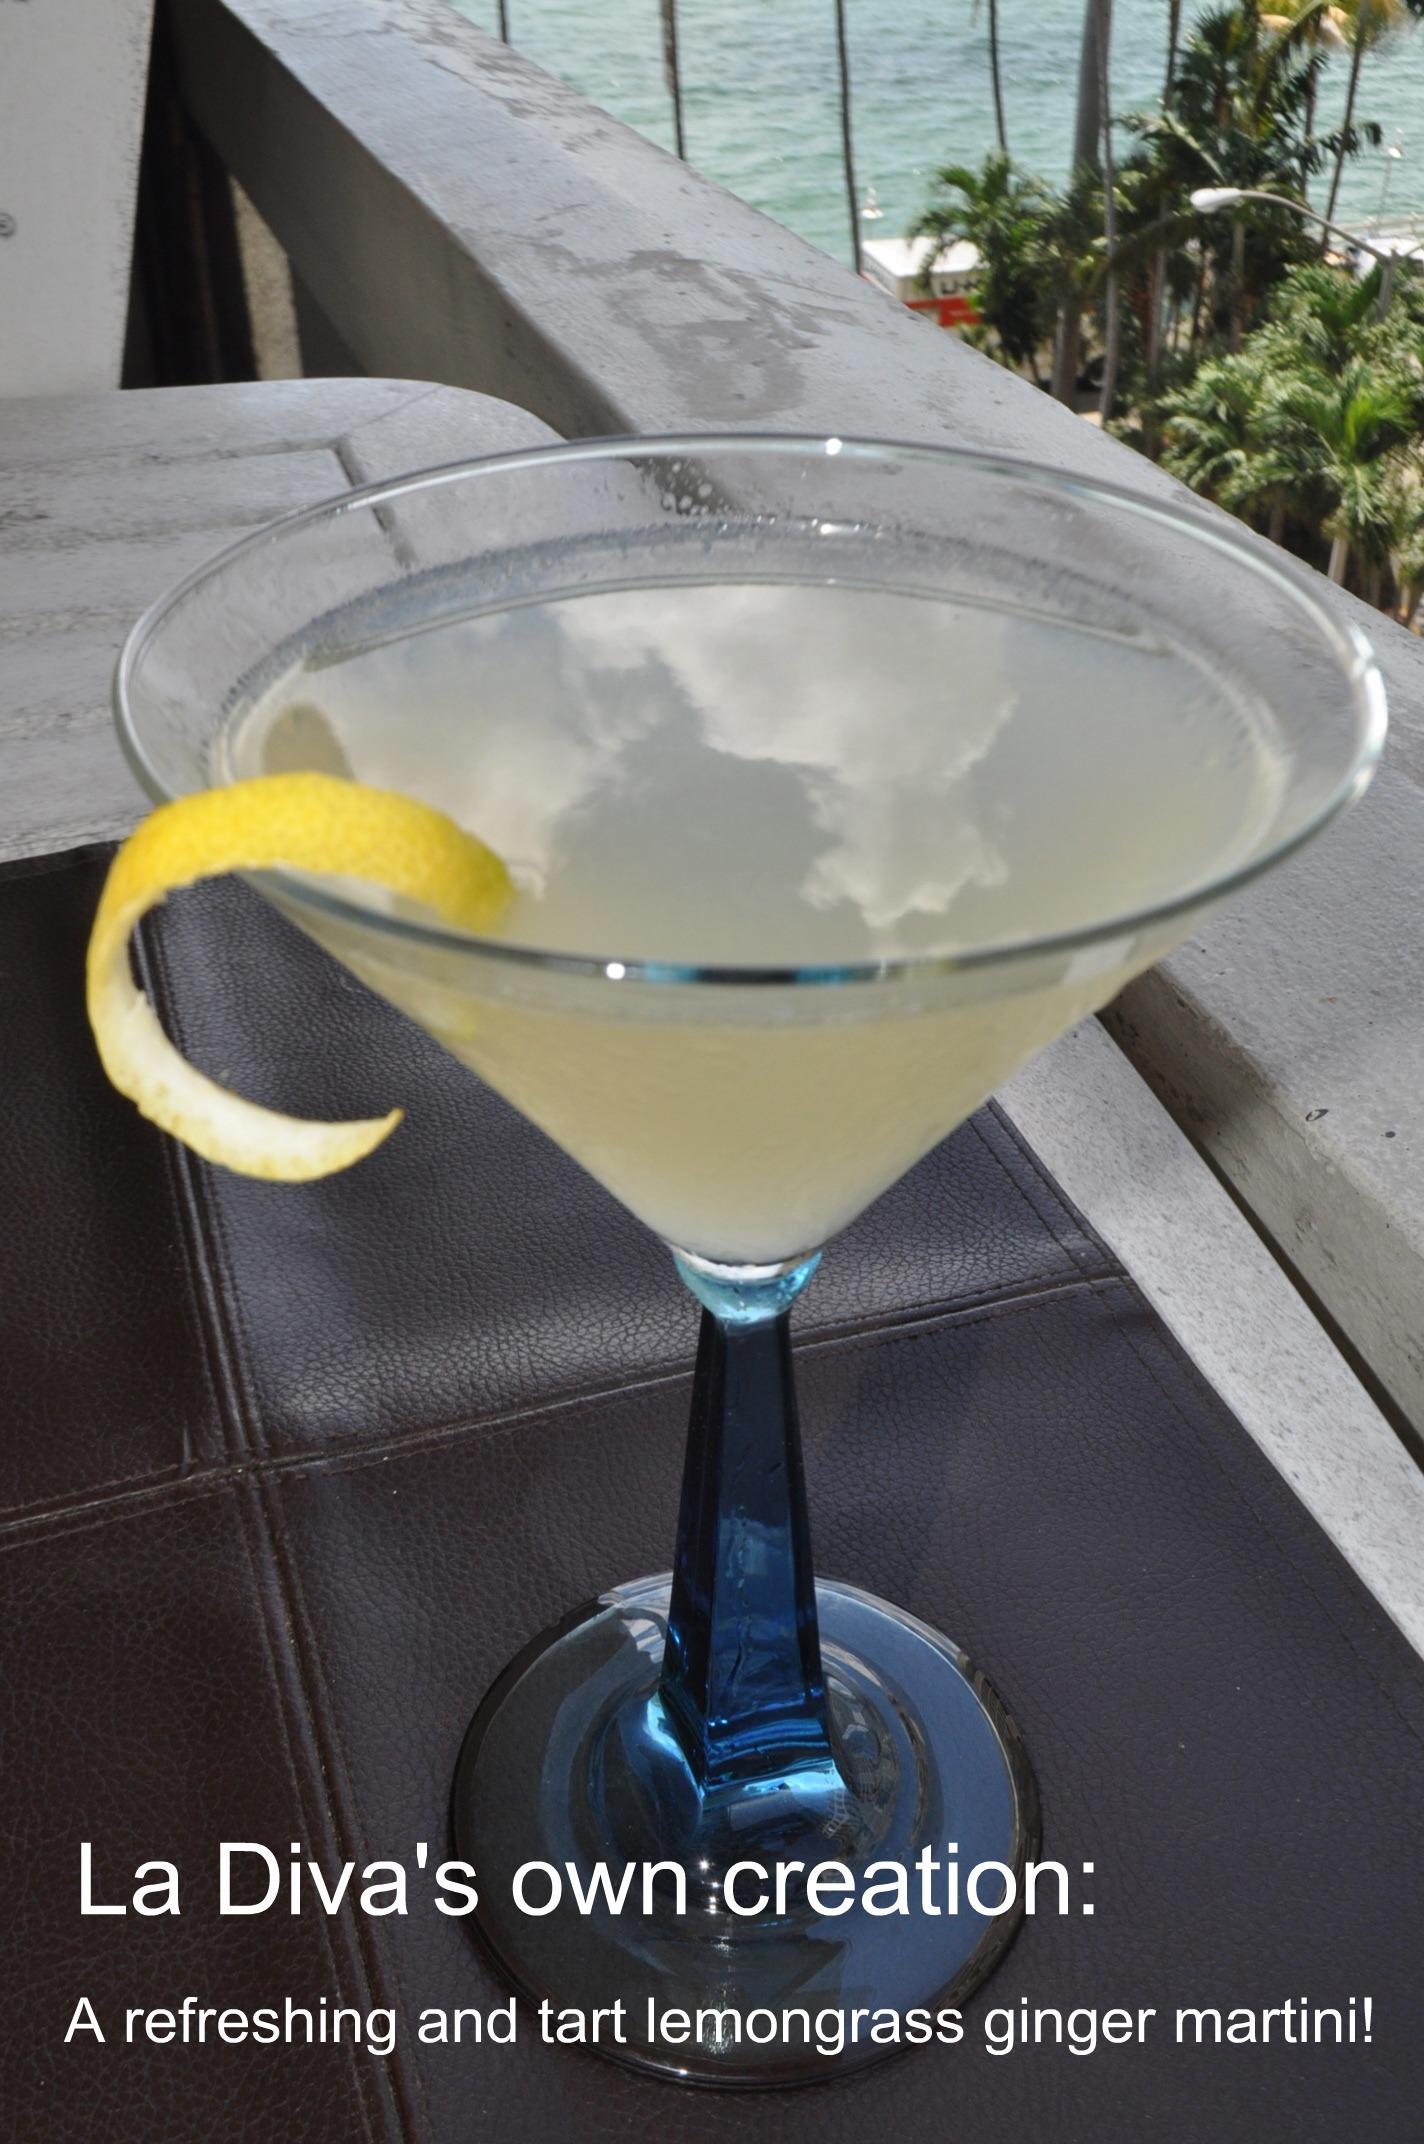 Lemongrass ginger martini - La Diva Cucina